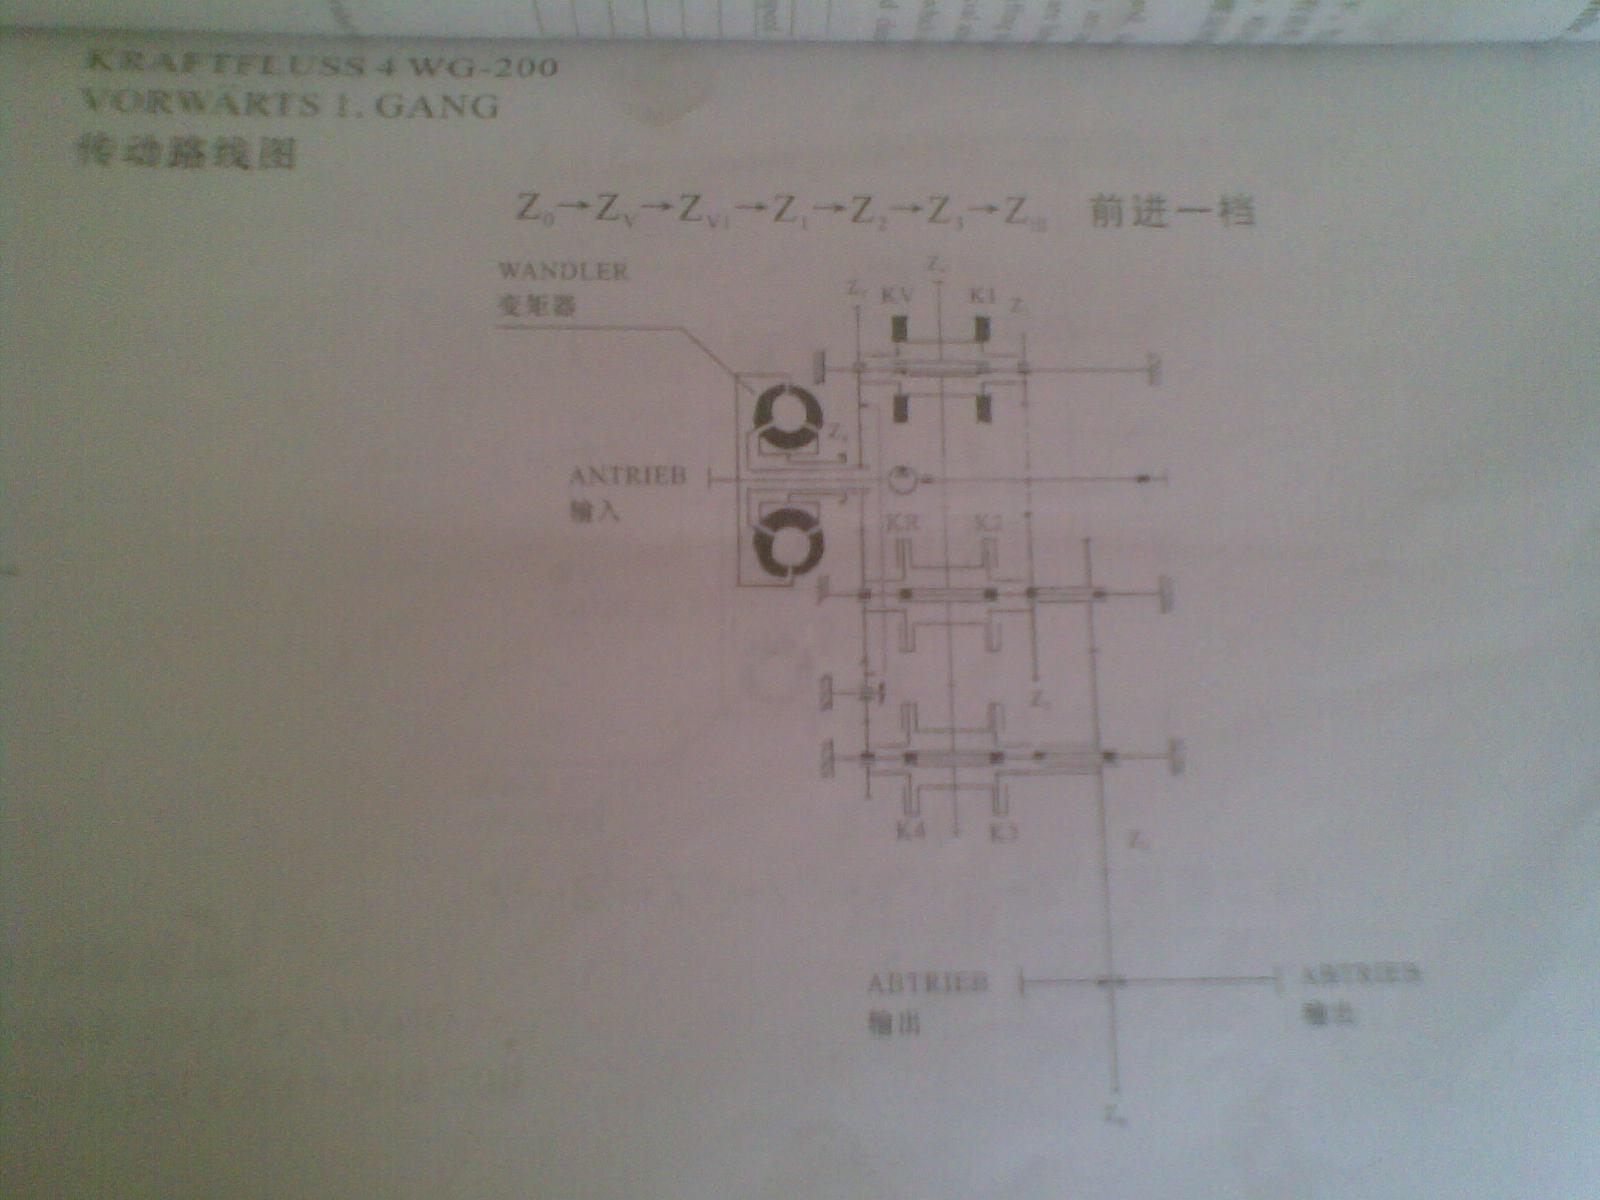 装载机用zf变速箱结构 原理 装配